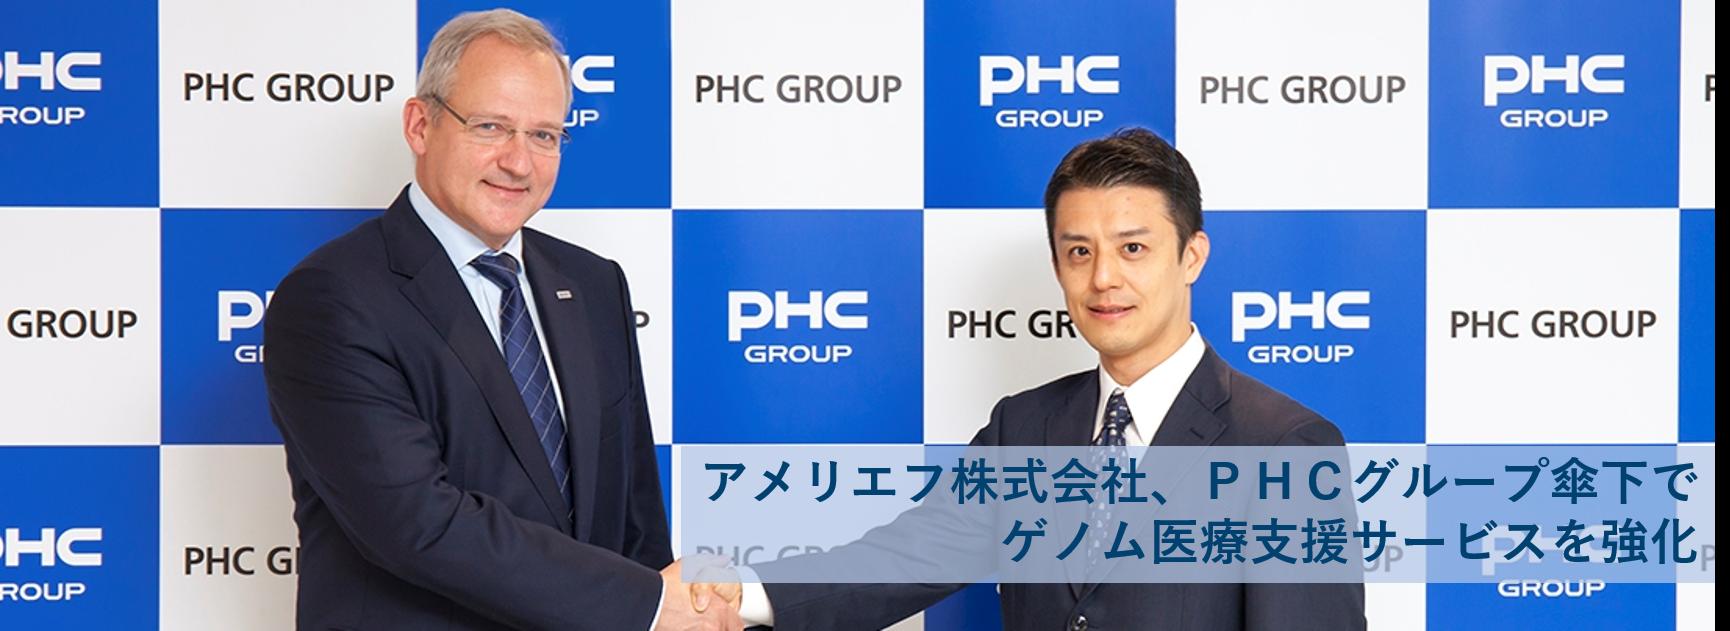 アメリエフ株式会社、PHCグループ傘下で ゲノム医療支援サービスを強化